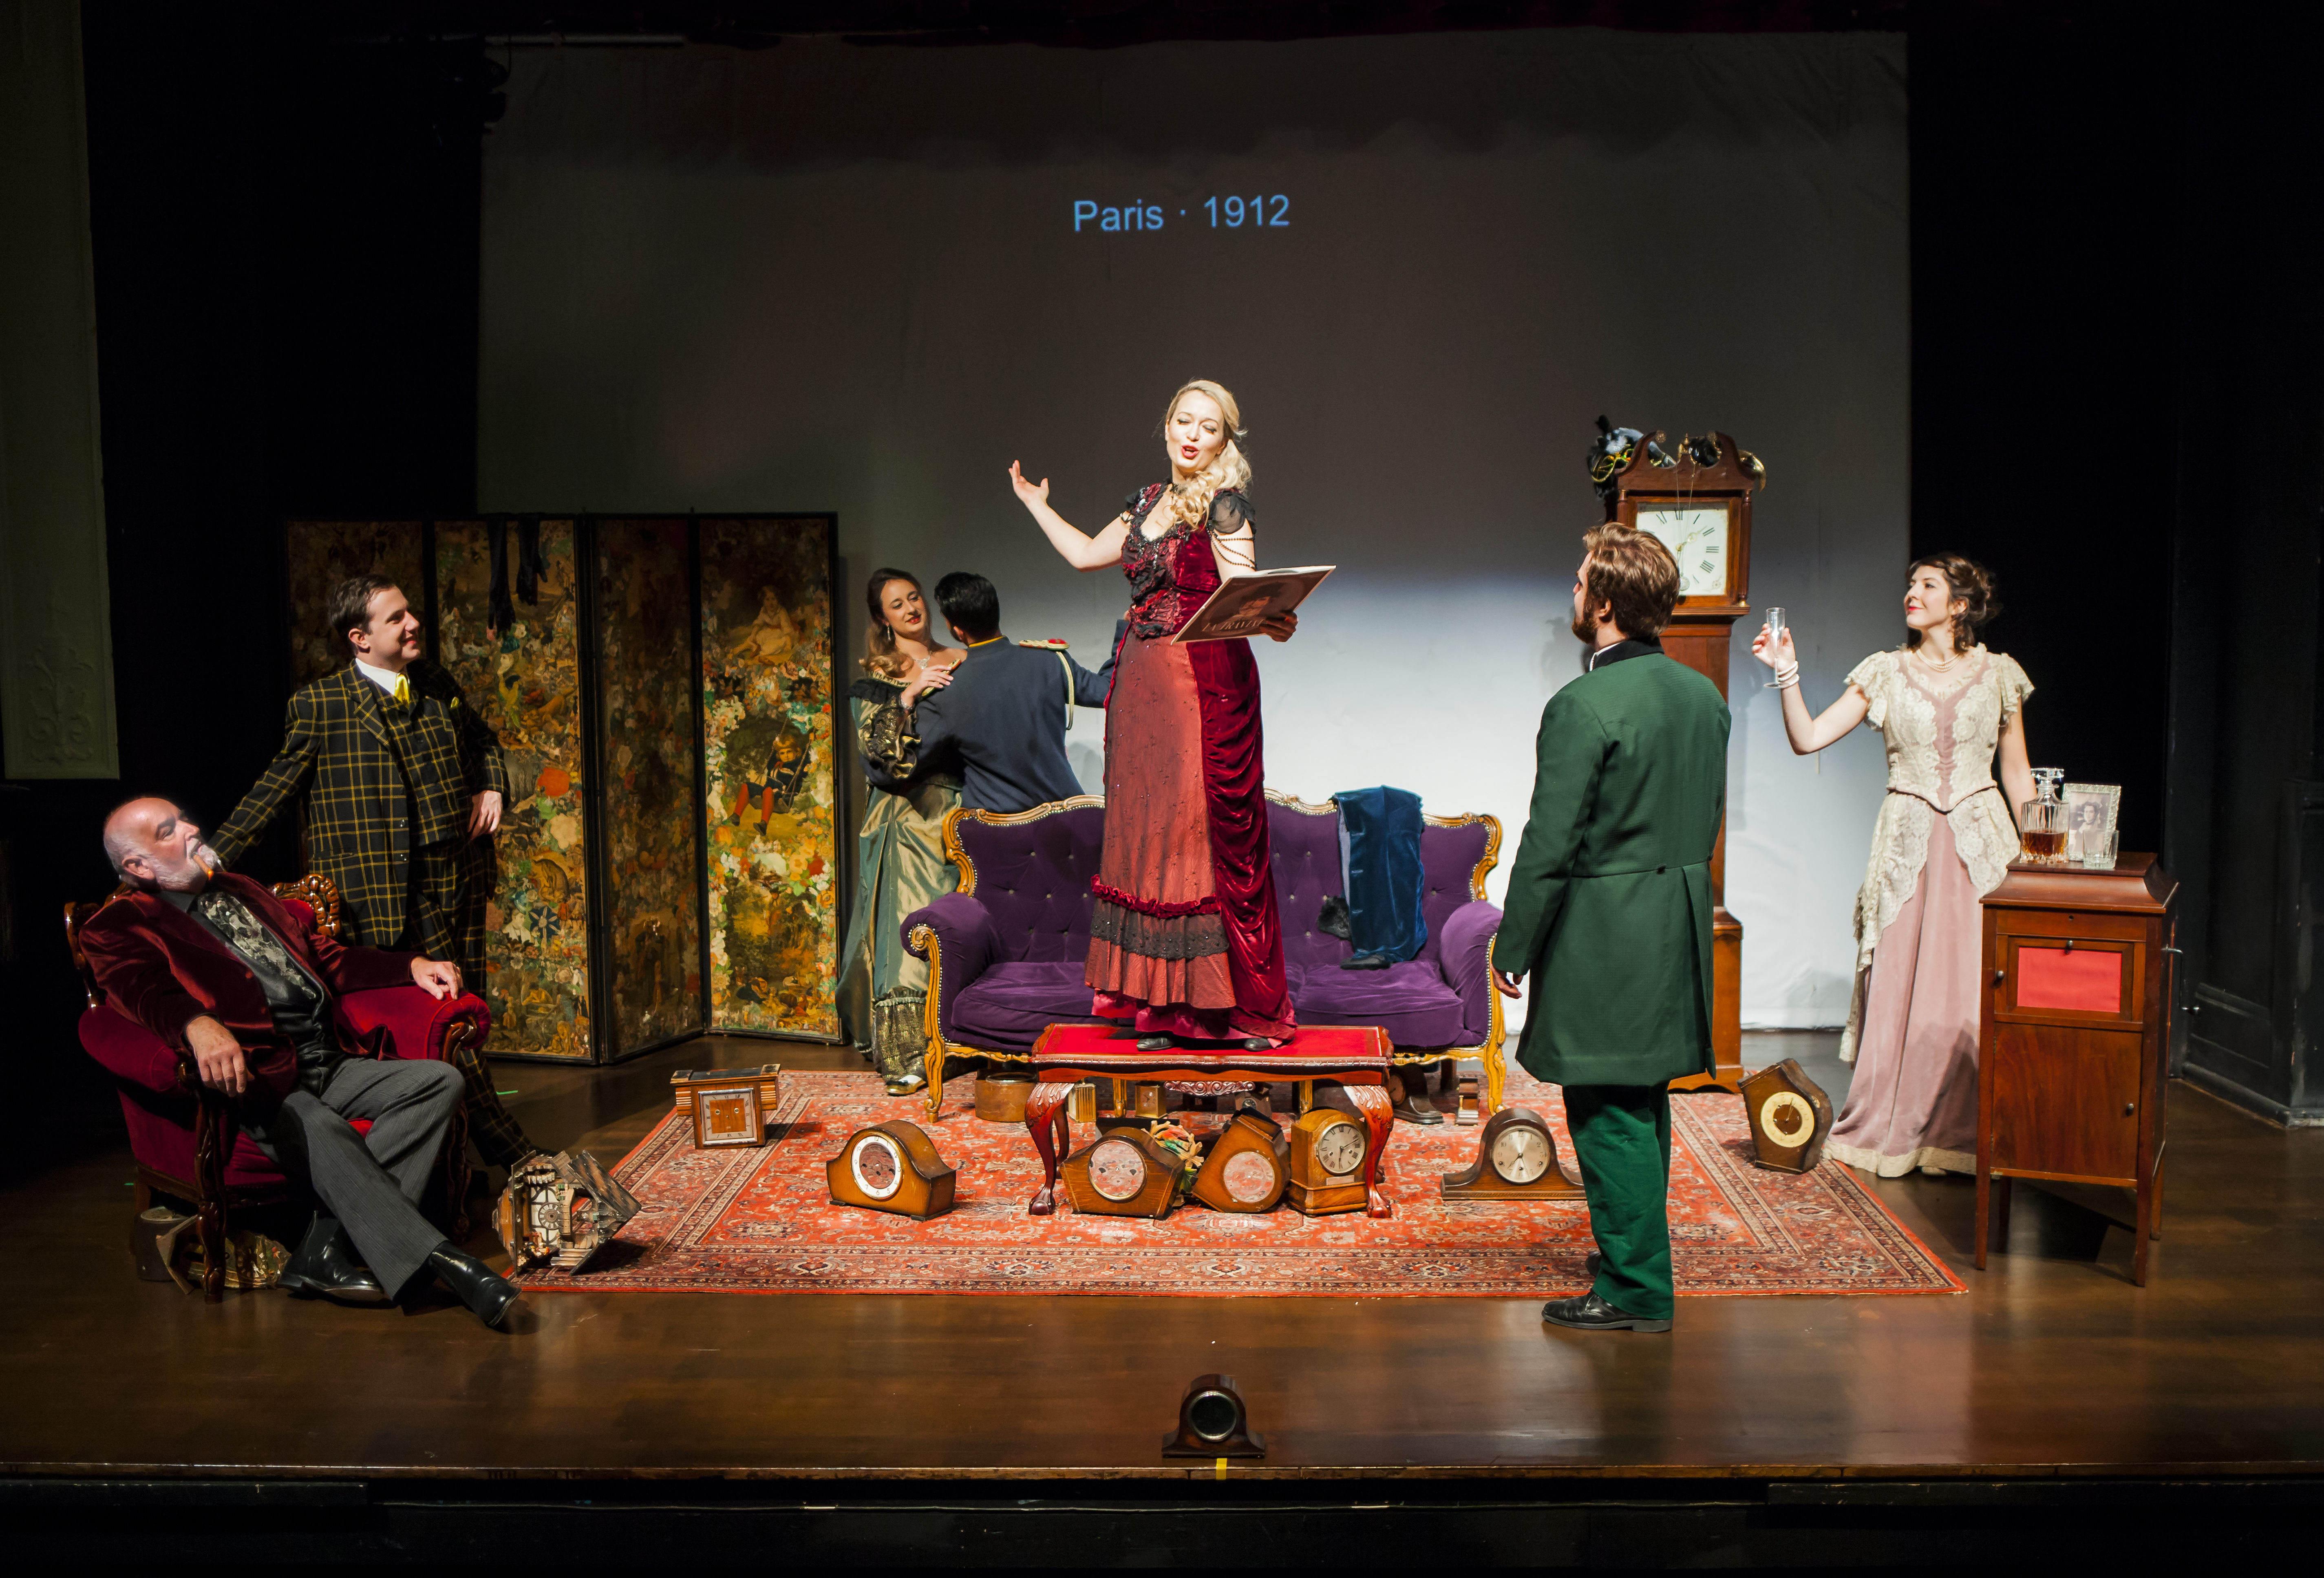 La Traviata (Violetta) - Devon Opera